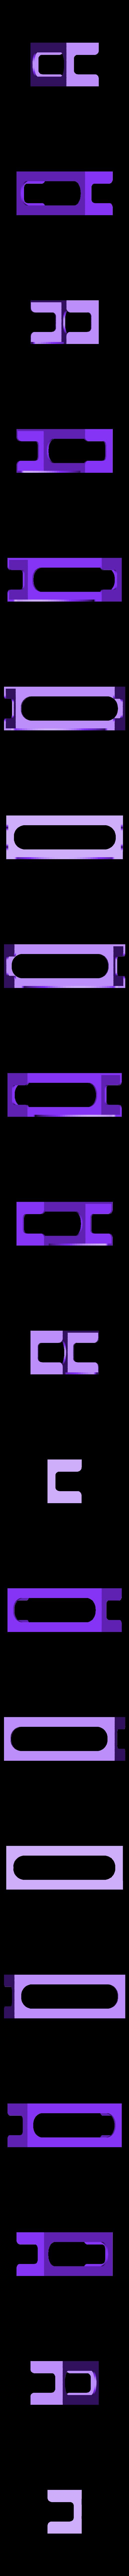 psvrprocessorholder.stl Download free STL file PSVR processor wall mount holder • Model to 3D print, mariospeed